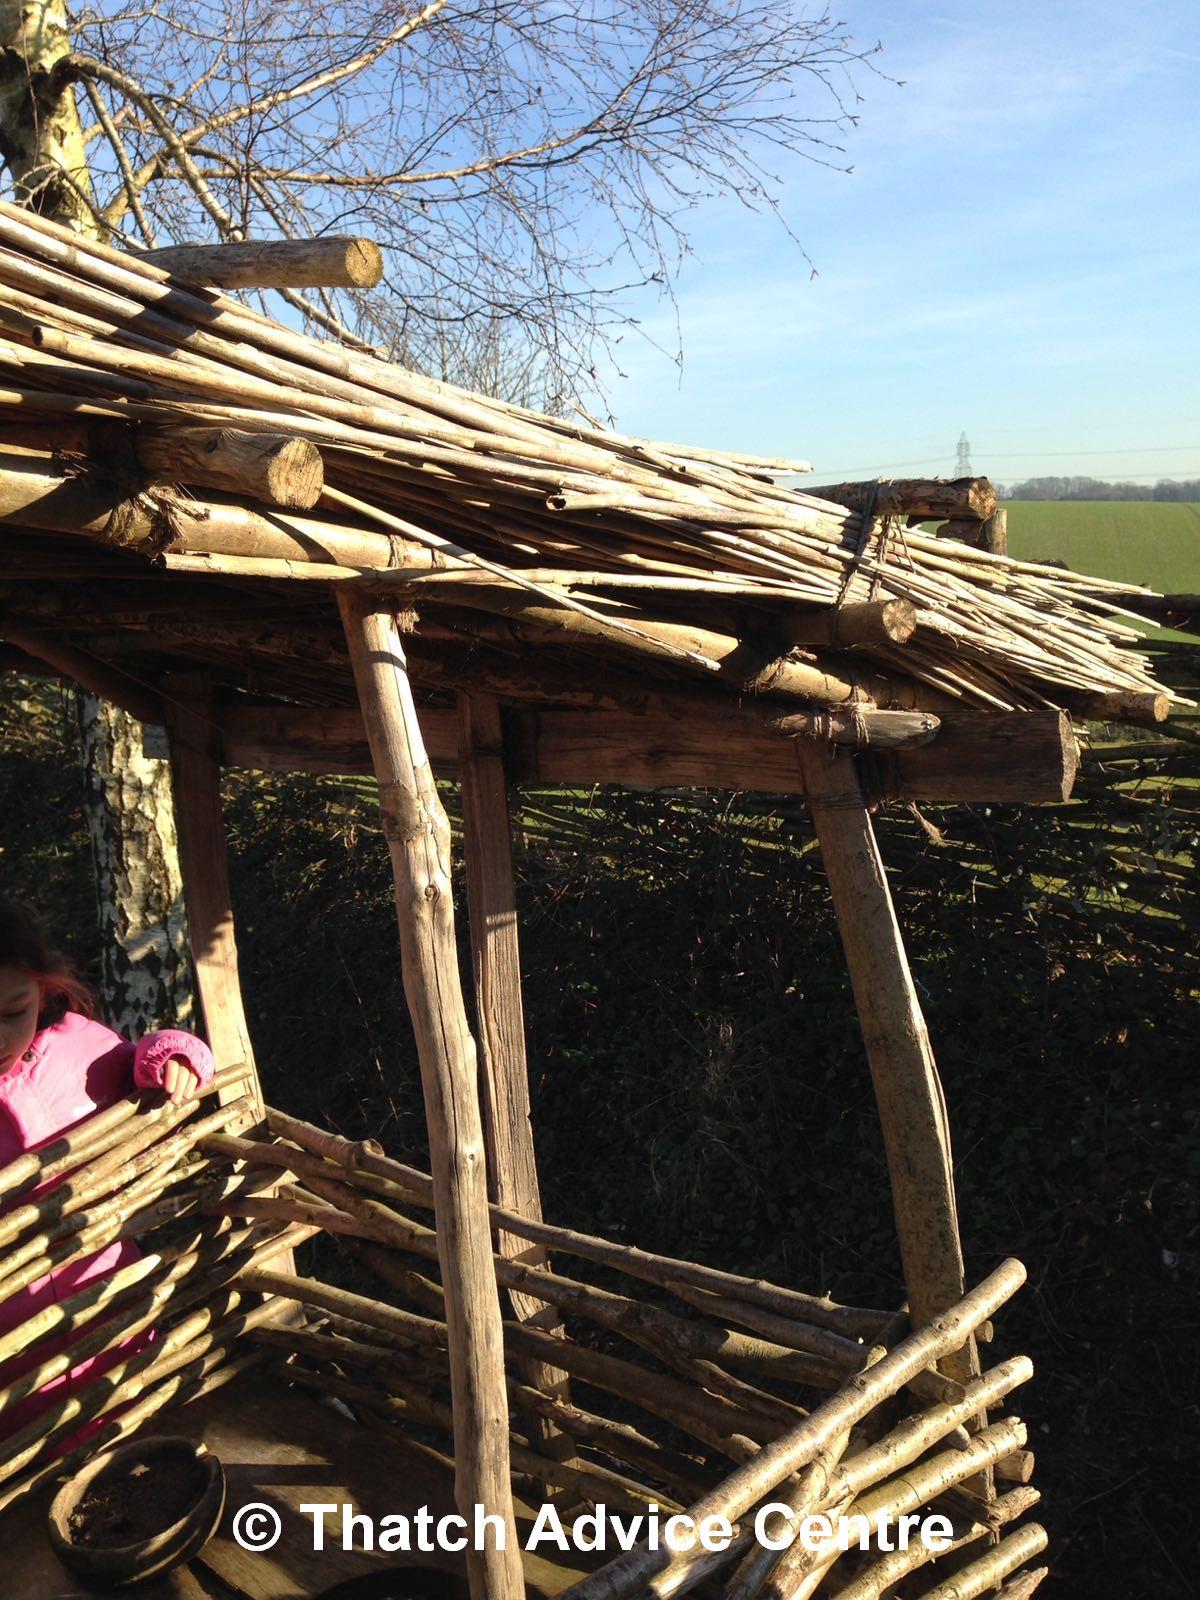 Thatch Advice Centre Visit Butser Ancient Farm Thatch